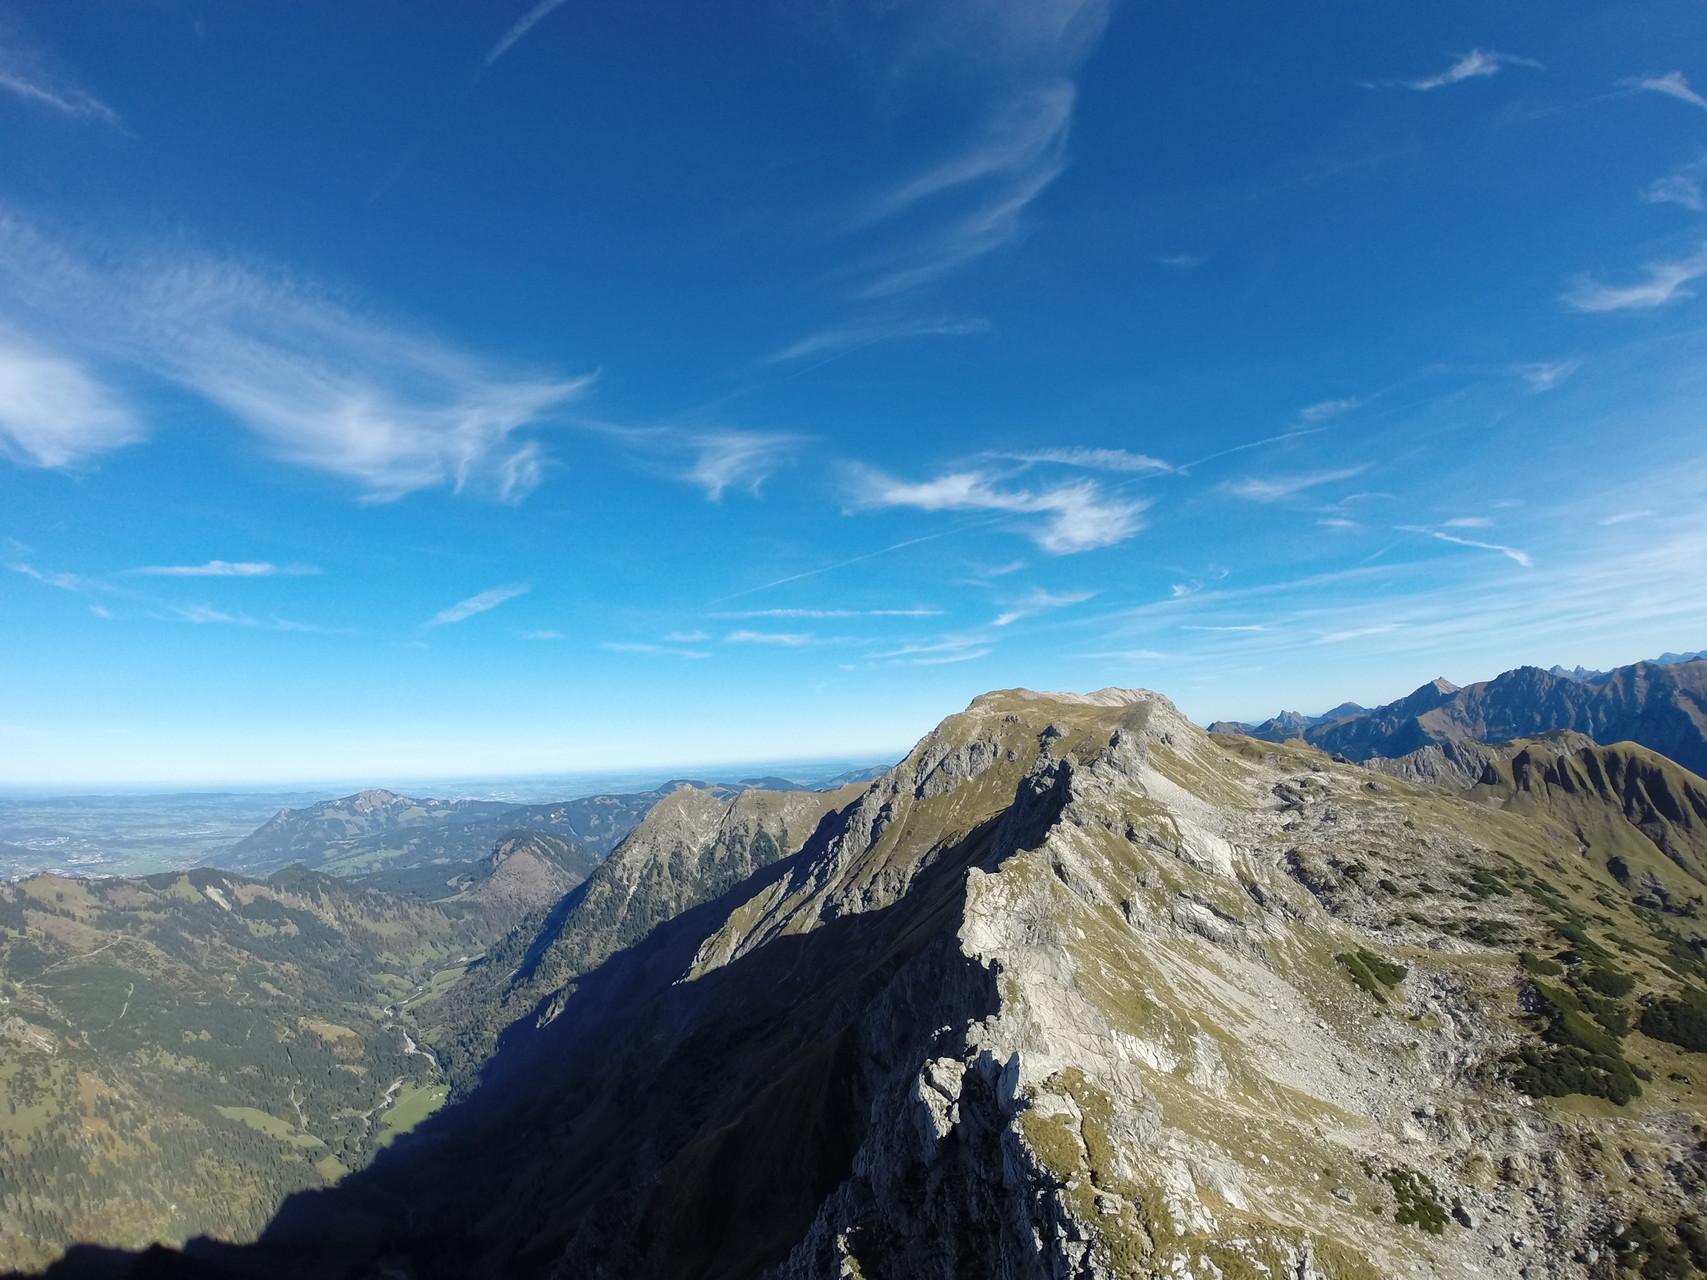 Hindelanger Klettersteig Ungesicherte Stellen : Friedberger klettersteig bergtour bei grän im tannheimer tal tirol